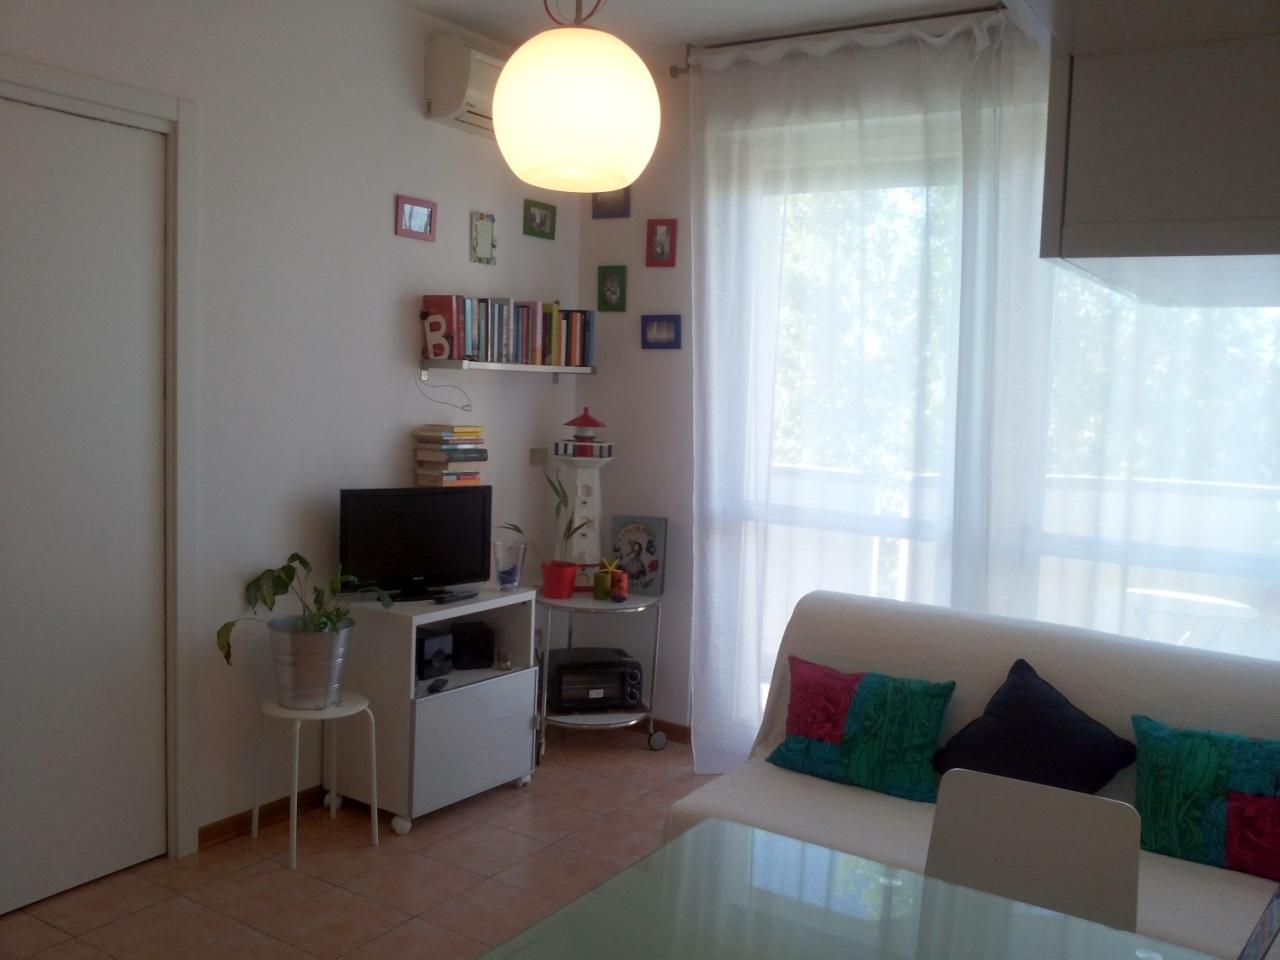 Appartamenti e Attici PARMA vendita    Immobilgest snc di Feher Istvan e Molino Filippo